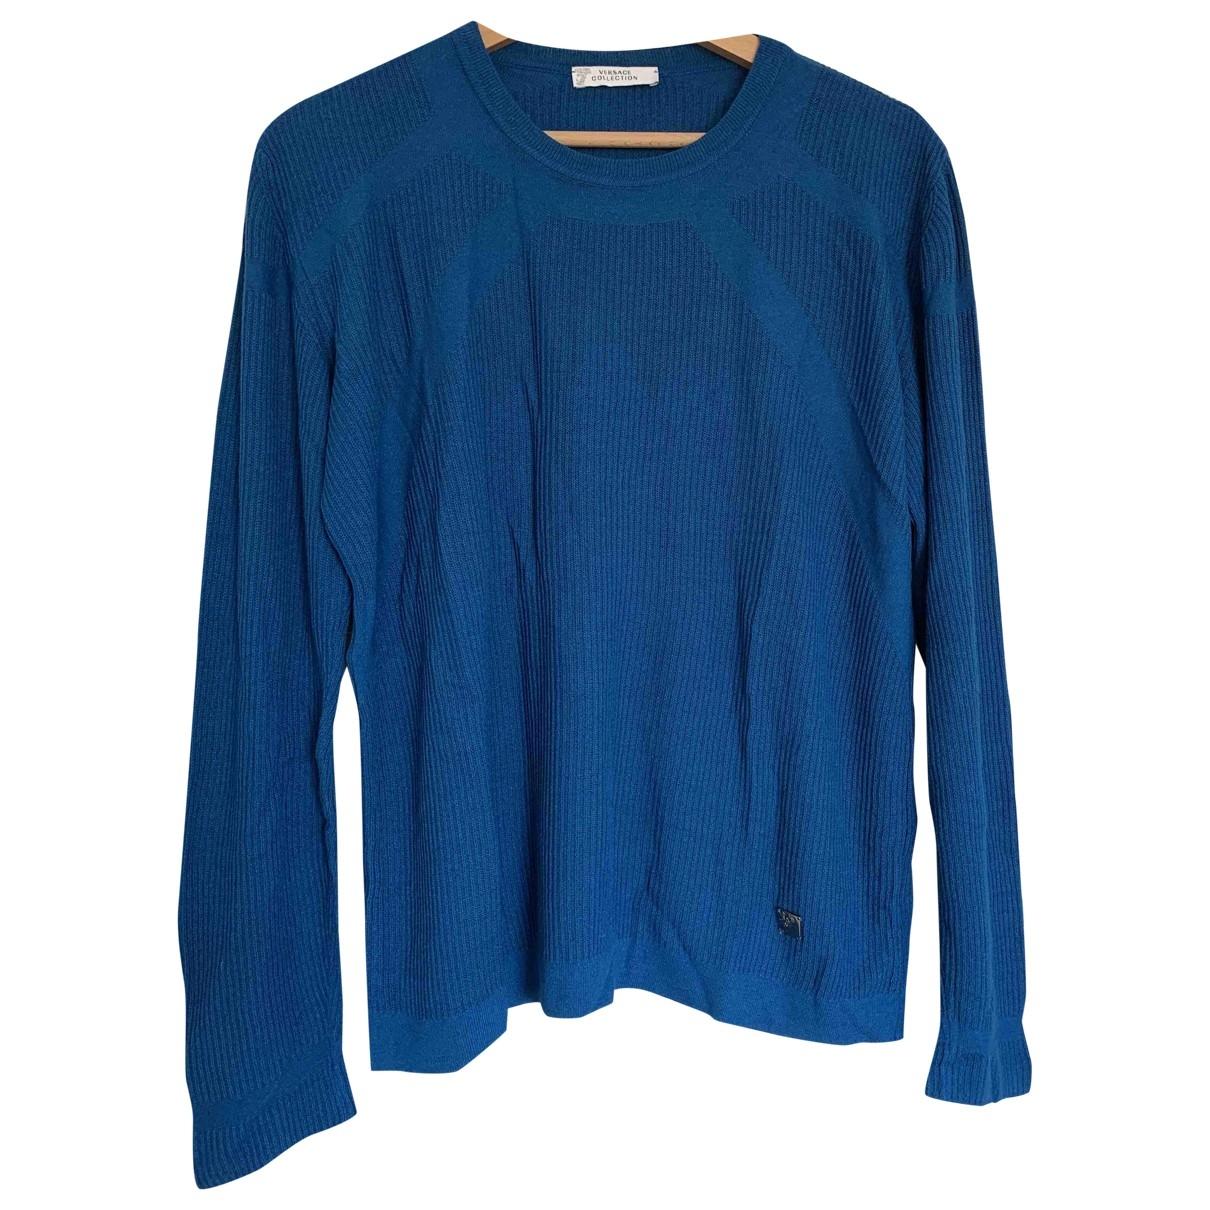 Versace - Pulls.Gilets.Sweats   pour homme en autre - bleu